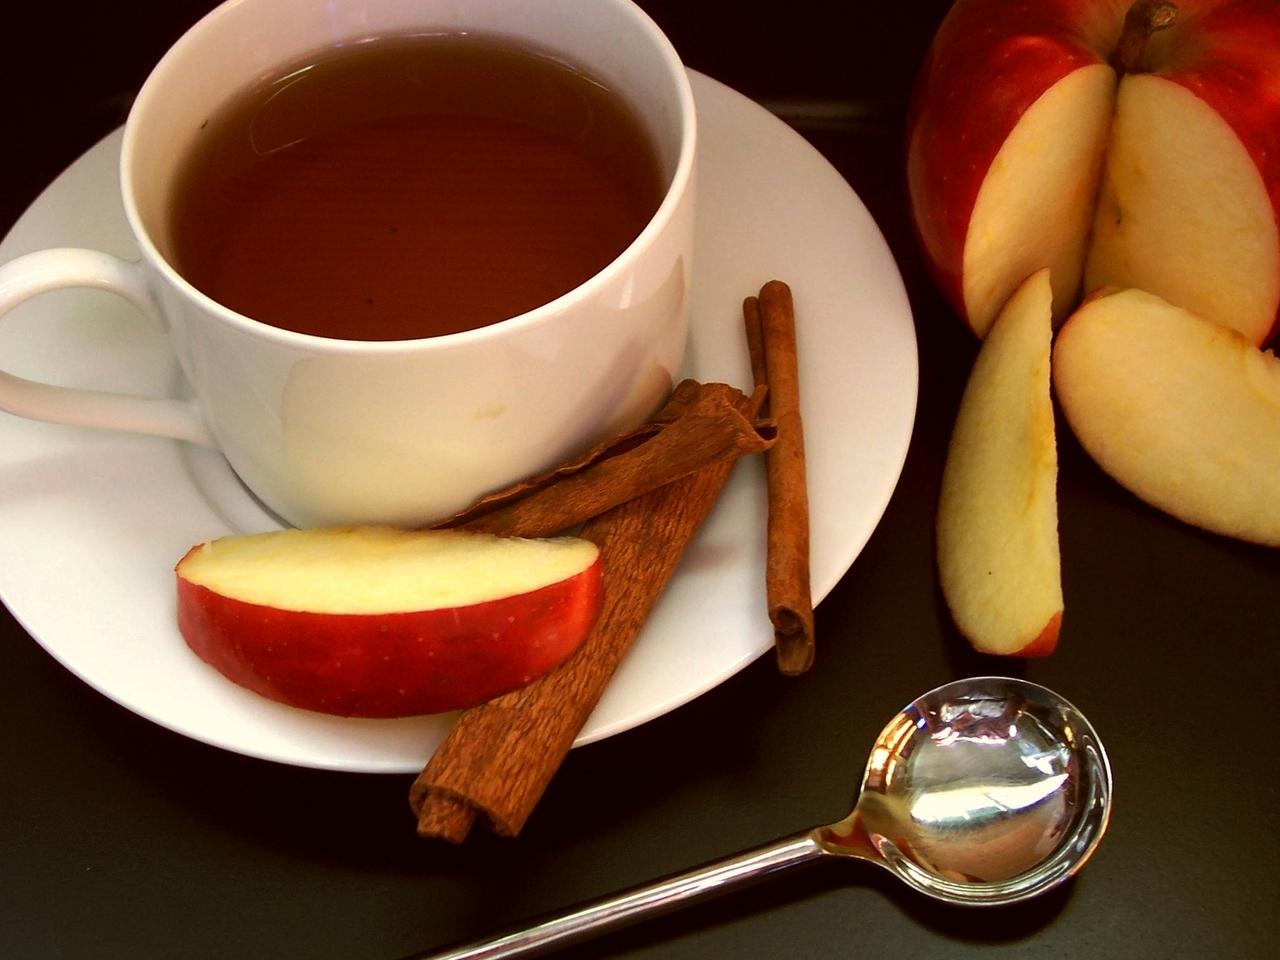 apple-cinnamon-tea-1-1238792-1280x960.jpg